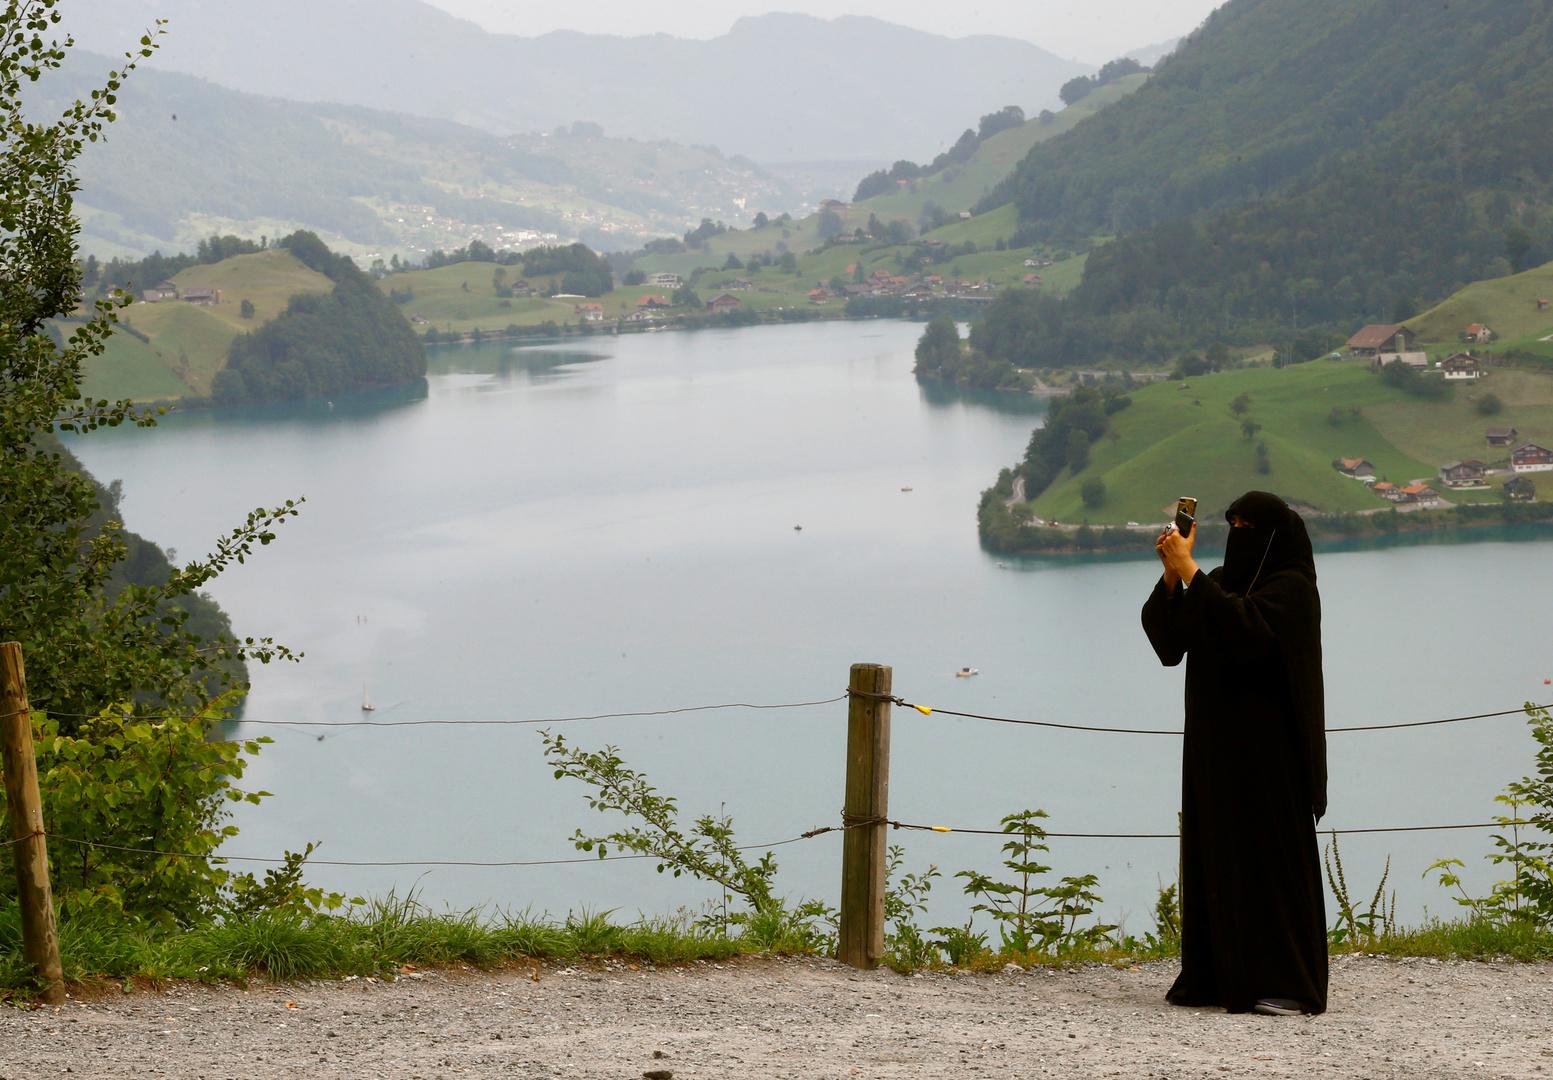 سويسرا ..  التصويت في استفتاء على حظر النقاب يوم الأحد المقبل